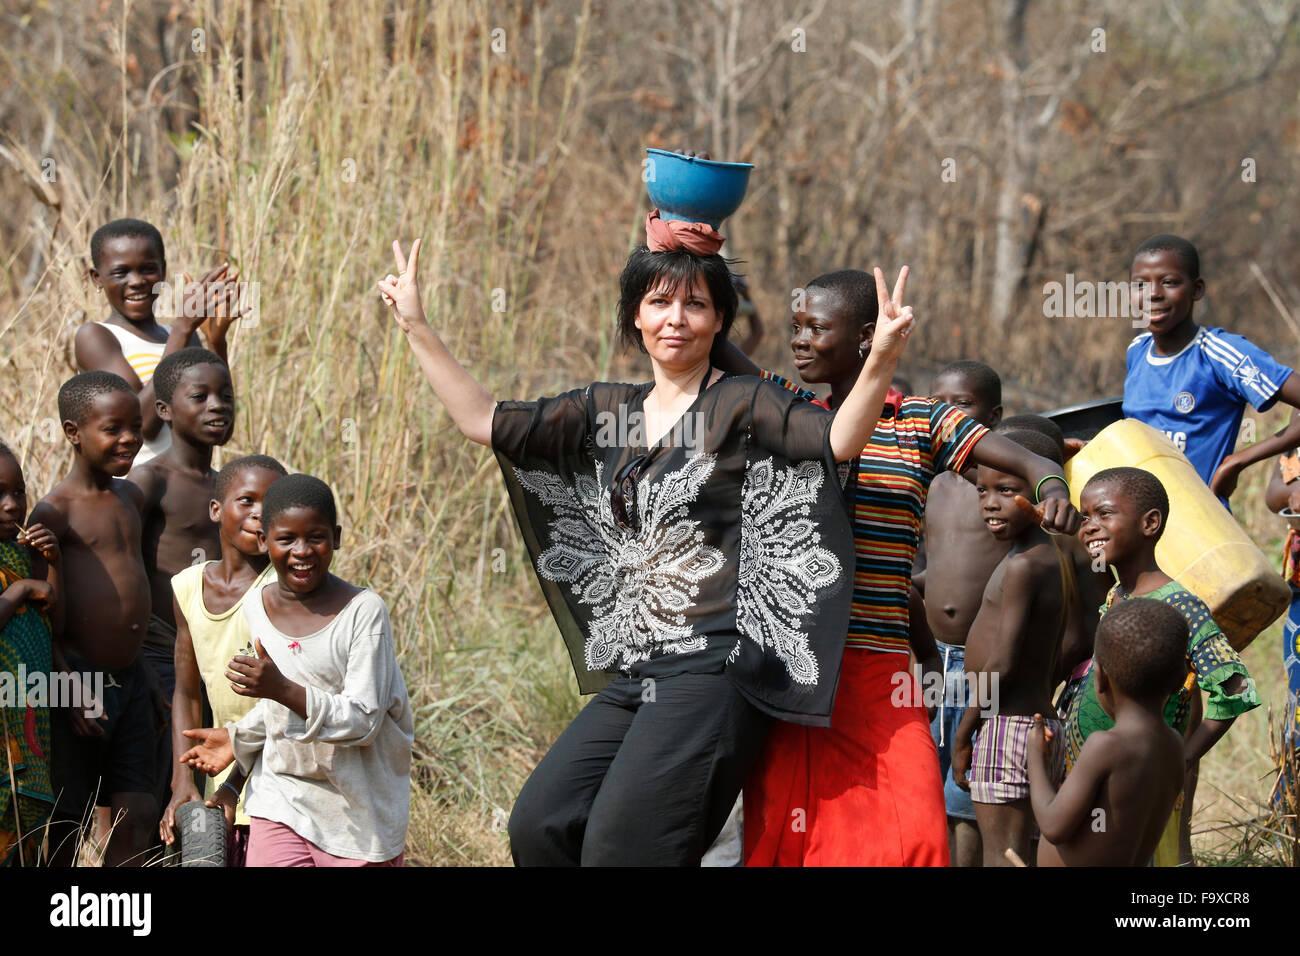 Turismo en una aldea africana. Imagen De Stock